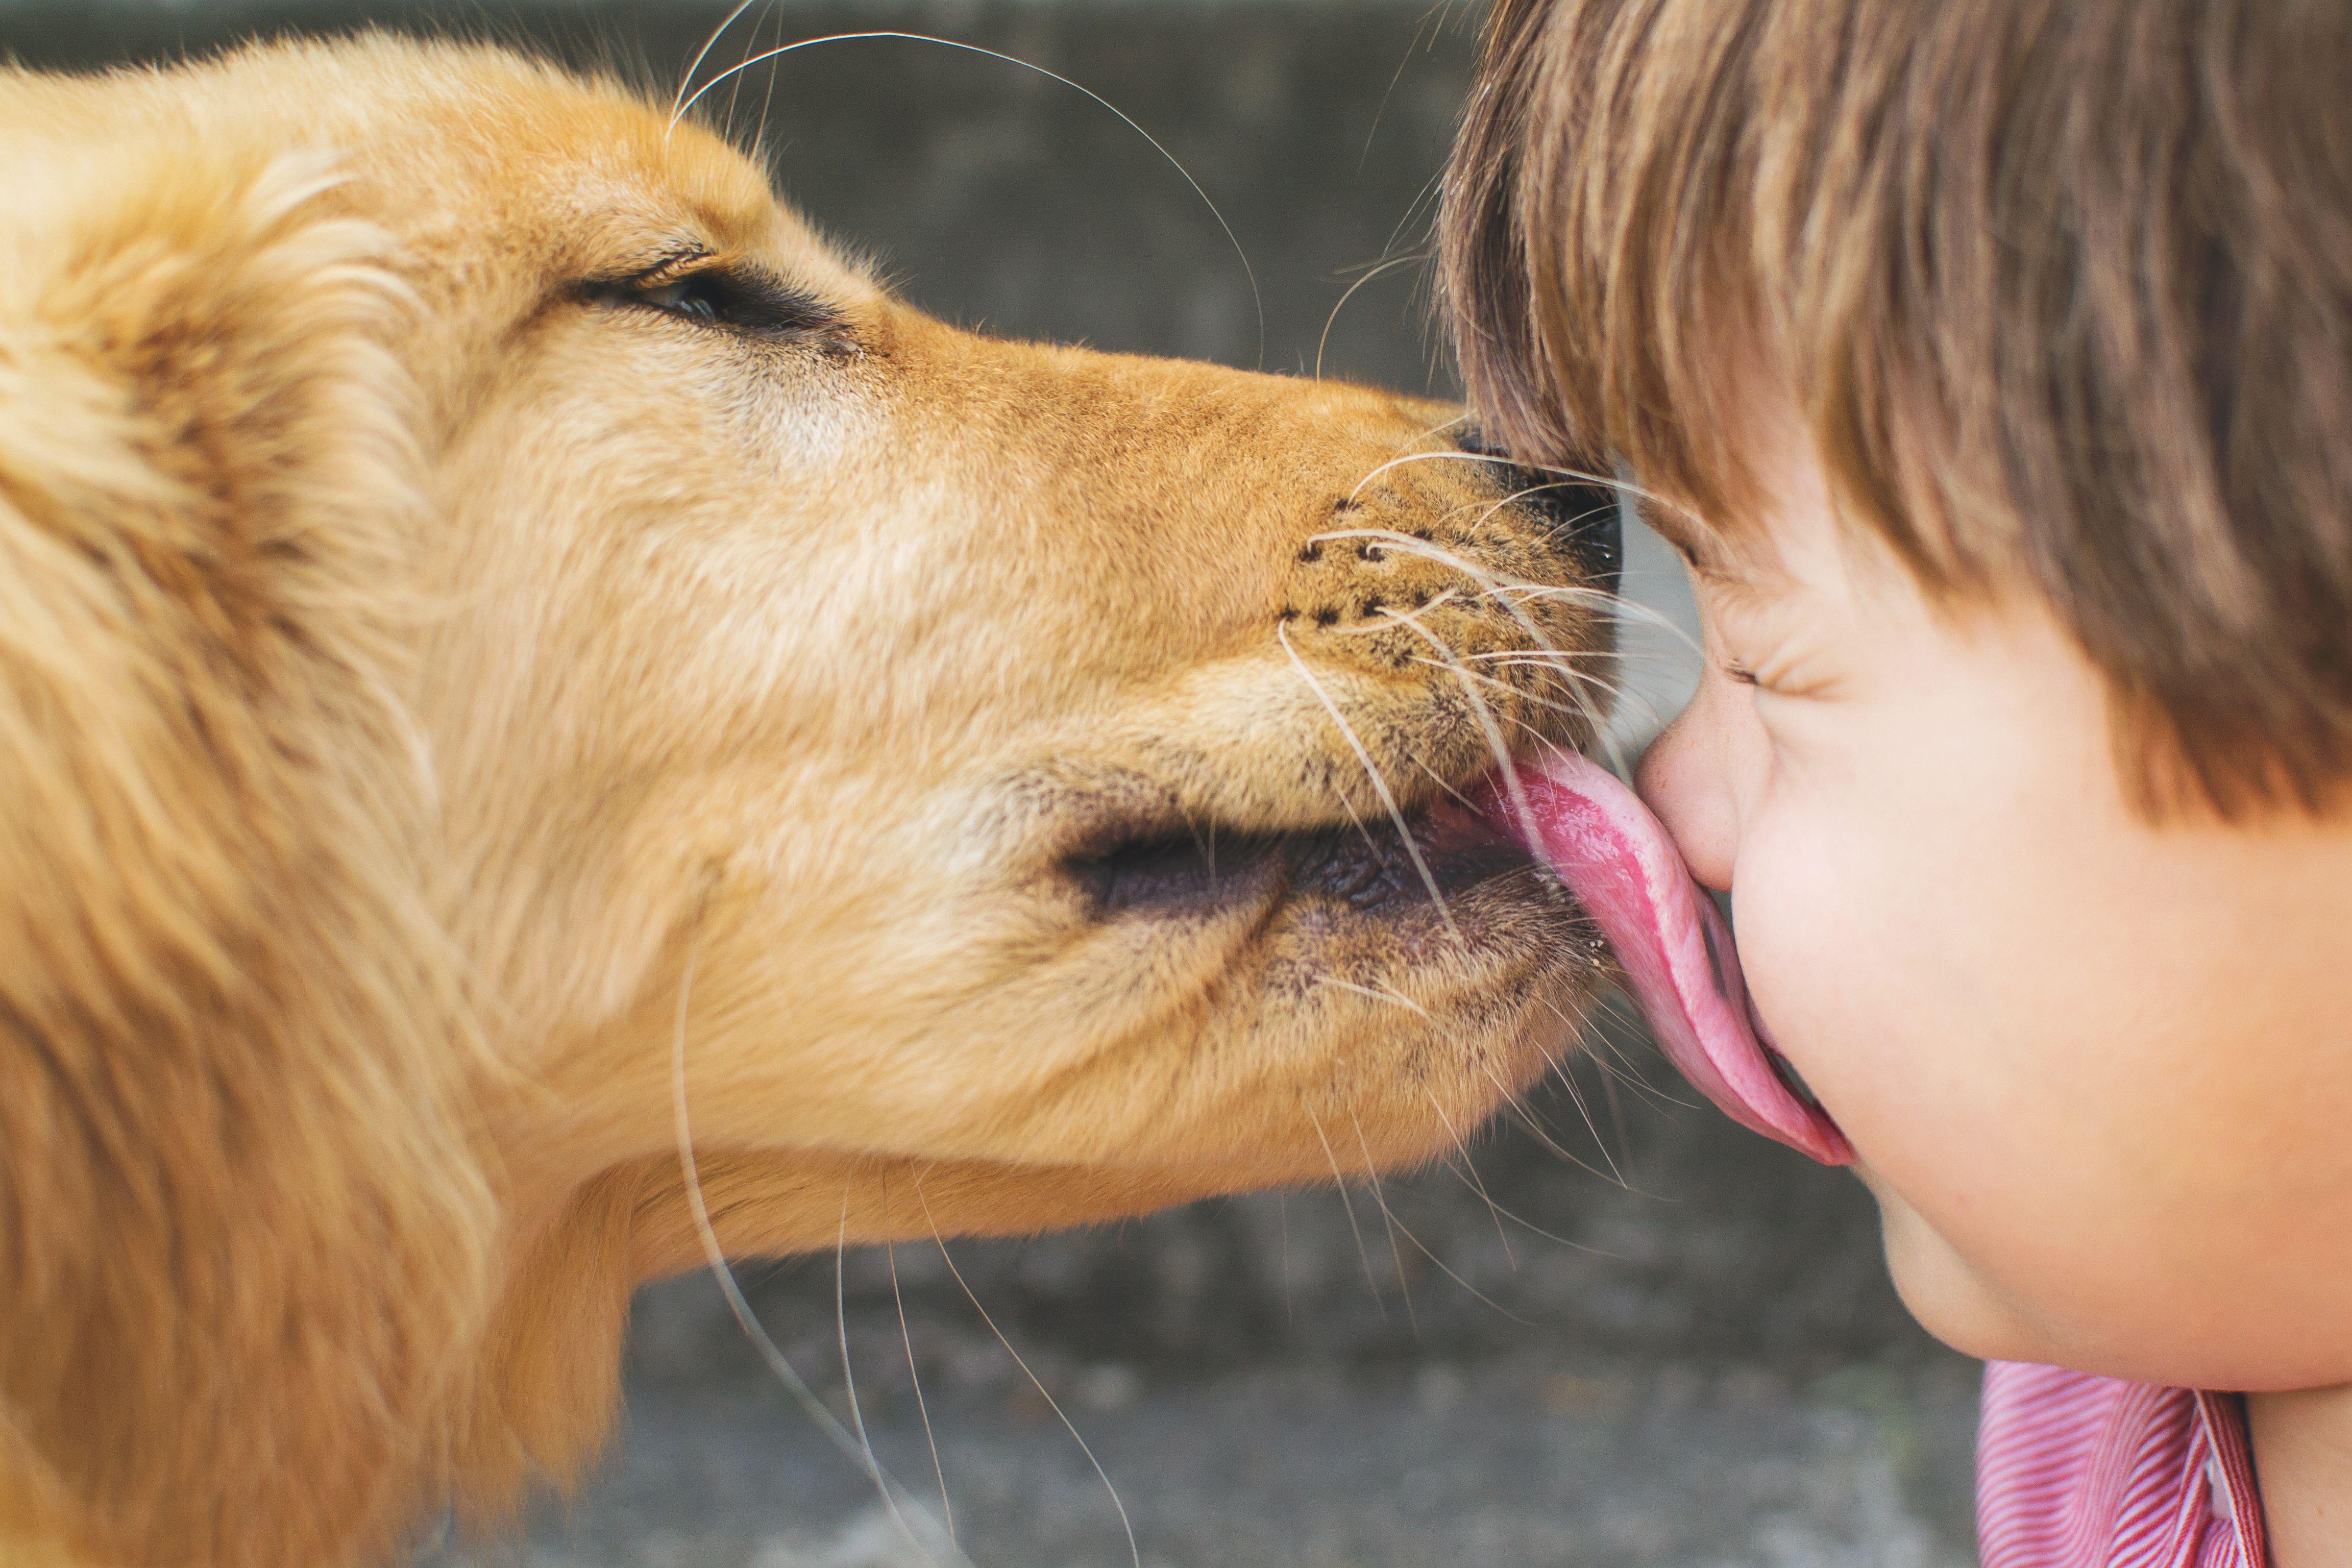 вы целуете своих домашних животных фото проявить смекалку